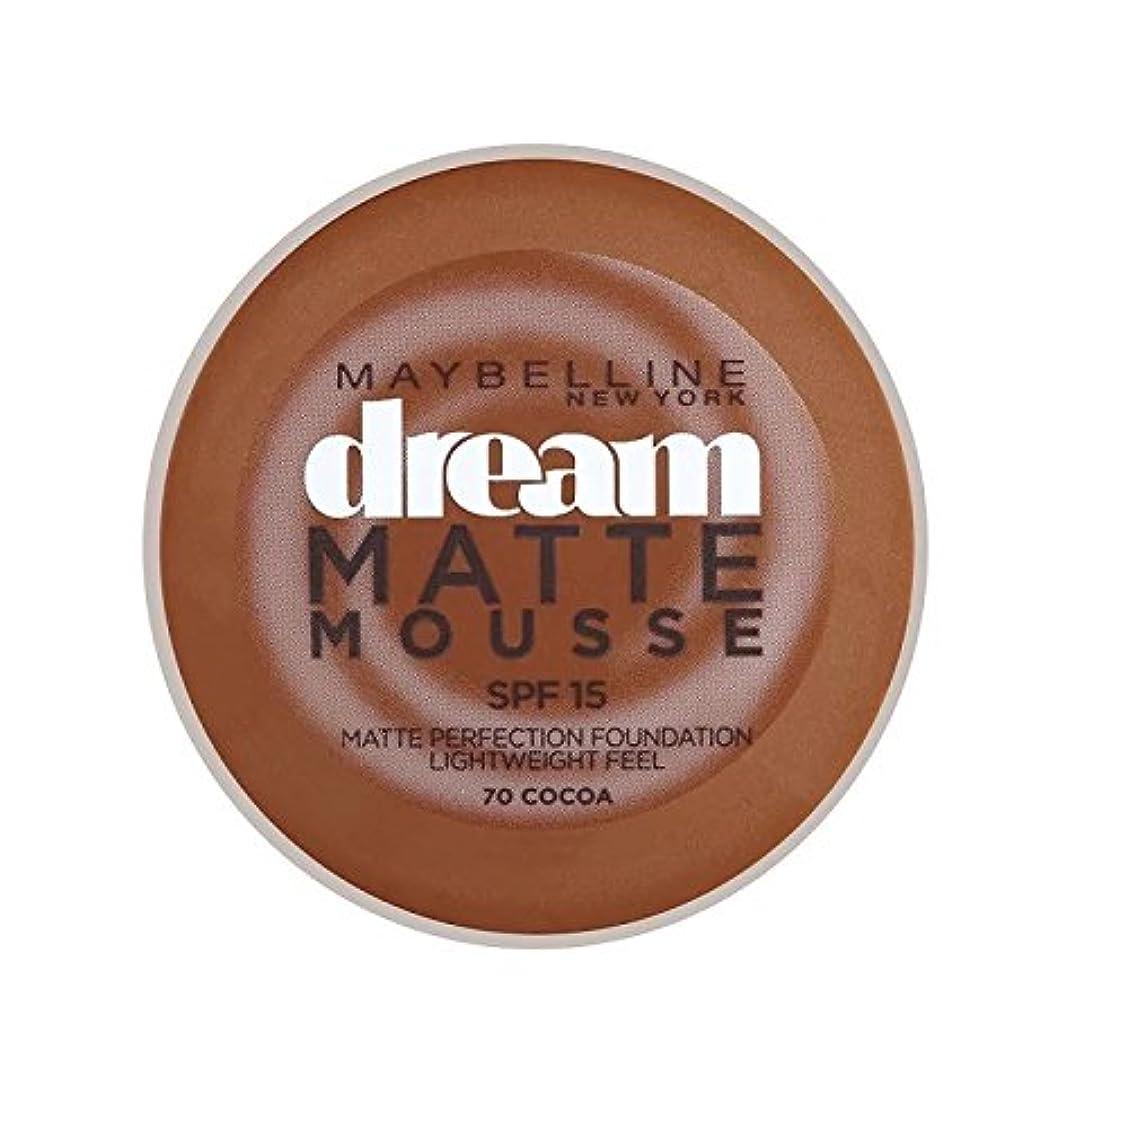 食堂昆虫松の木Maybelline Dream Matte Mousse Foundation 70 Cocoa 10ml - メイベリン夢のマットムース基盤70ココア10ミリリットル [並行輸入品]